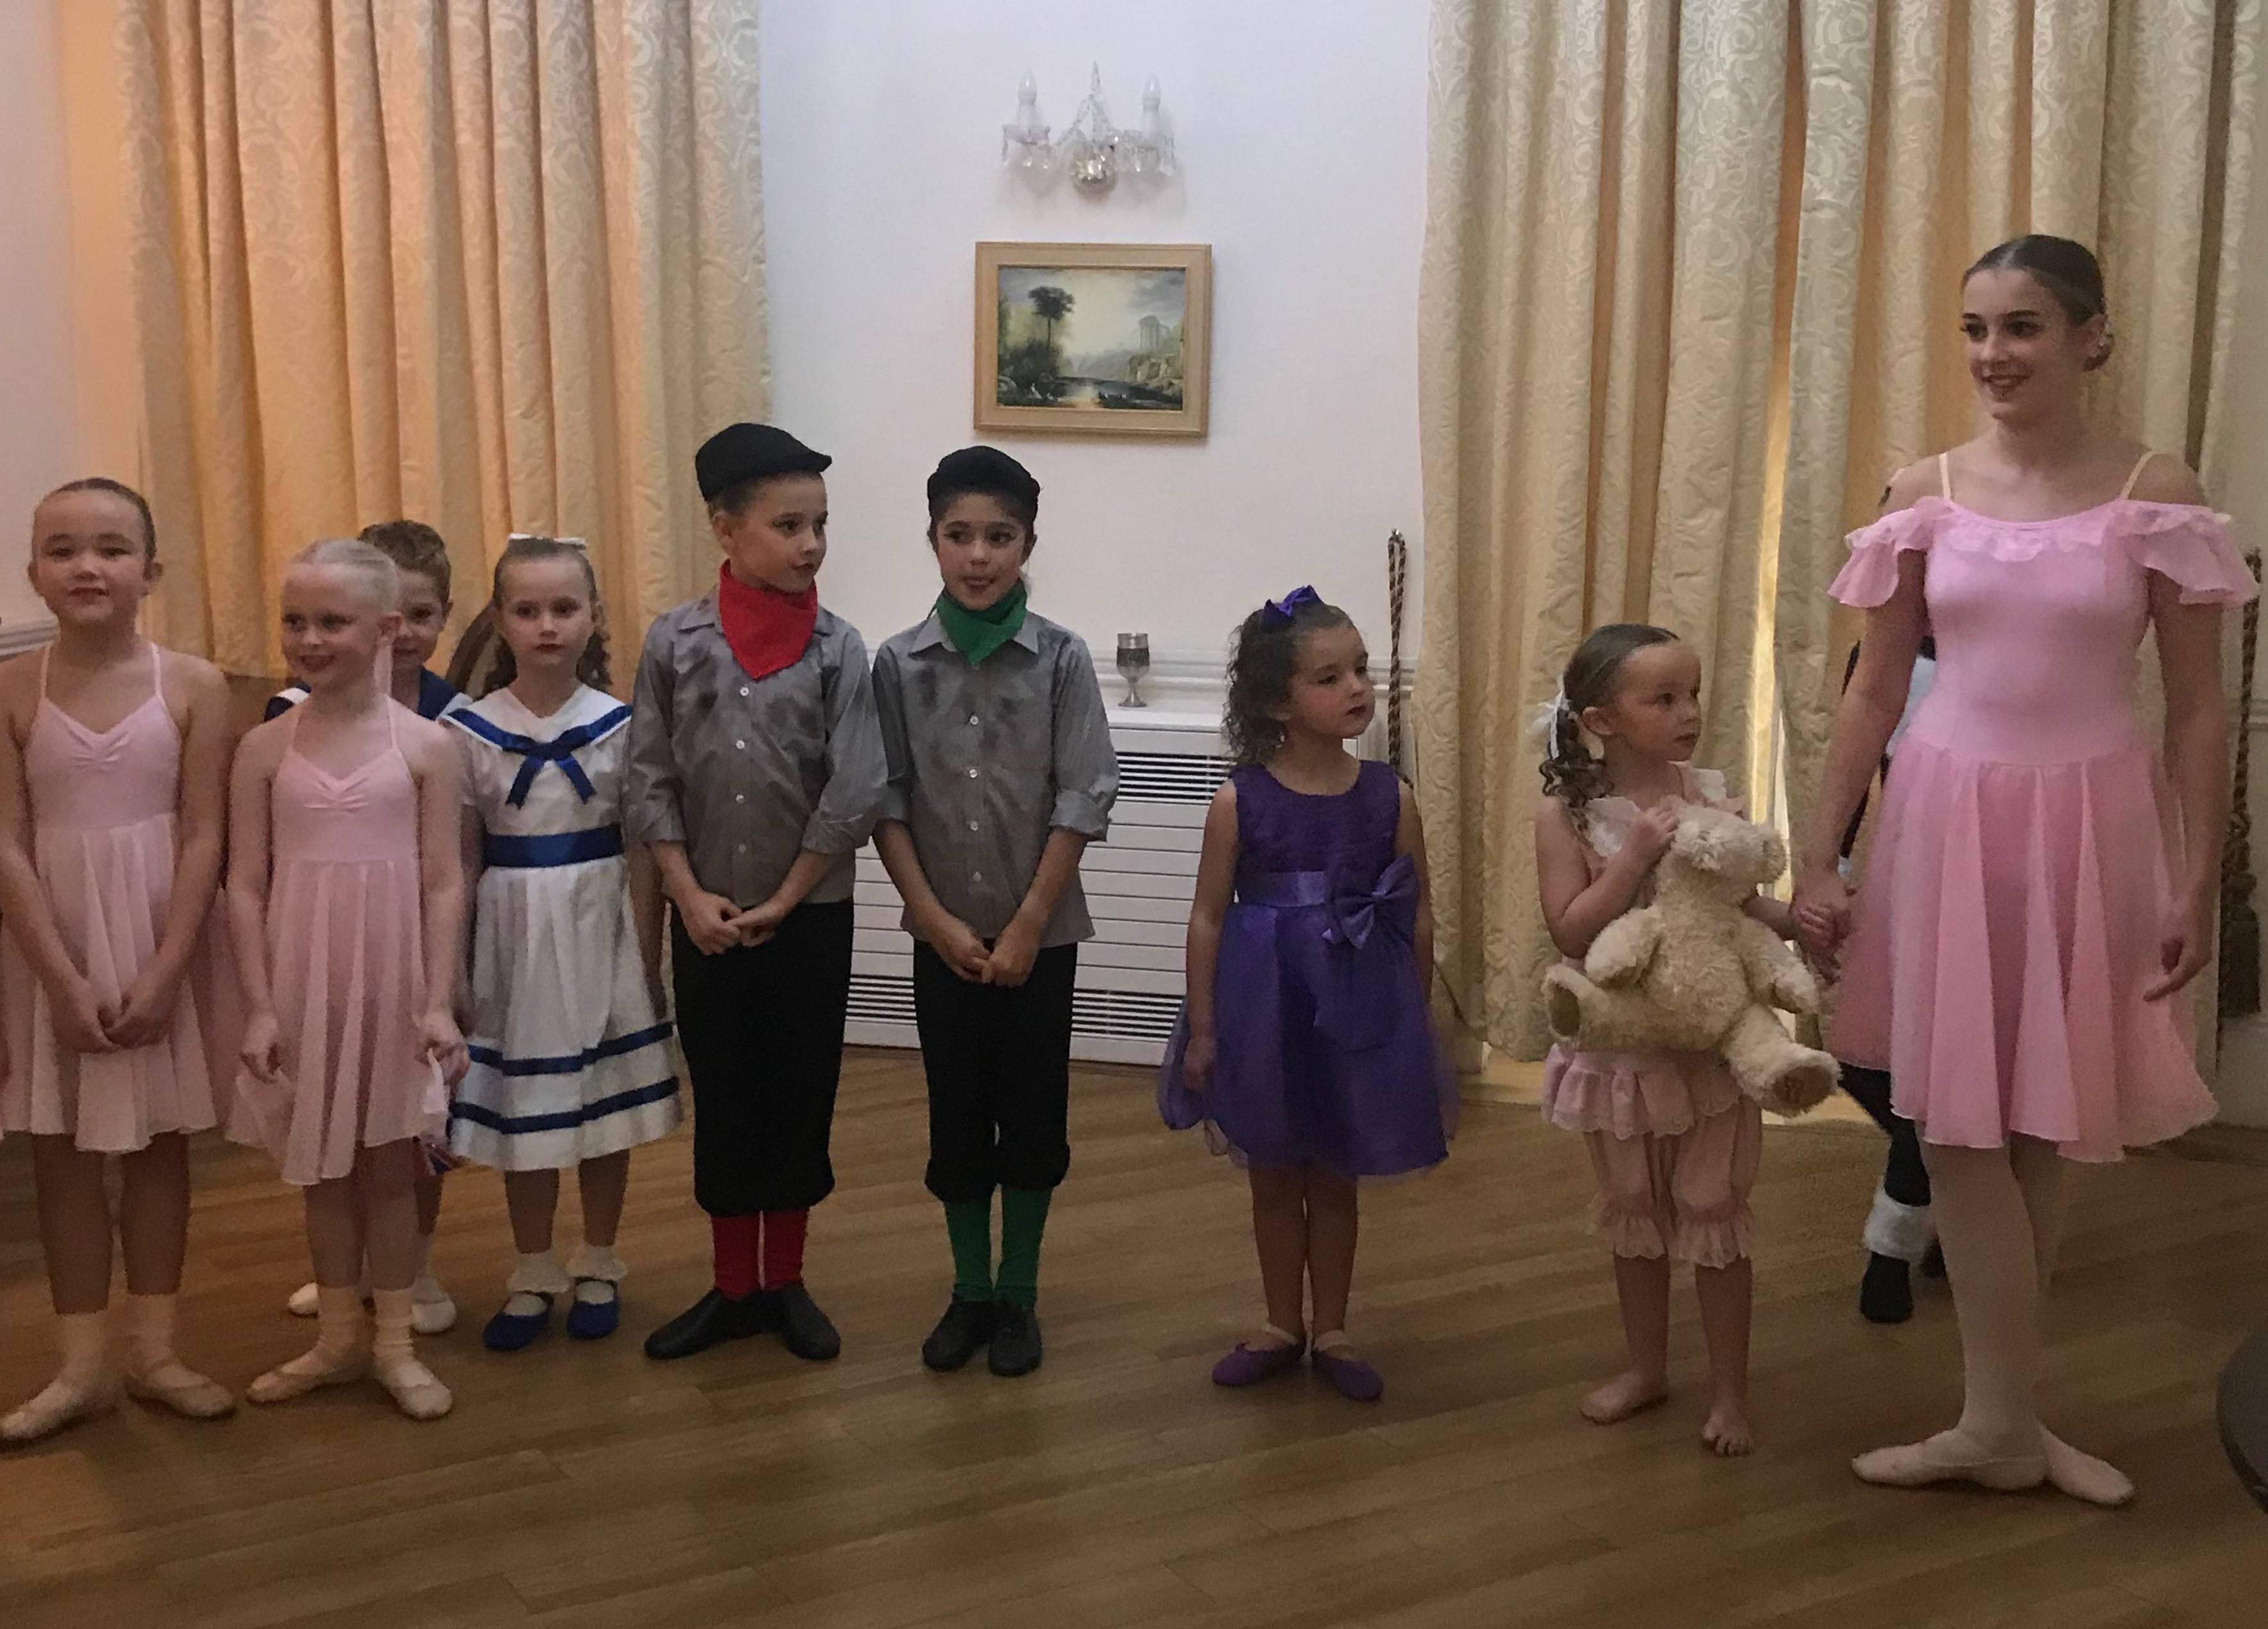 Dancers from Kim Ellen's School of Dance